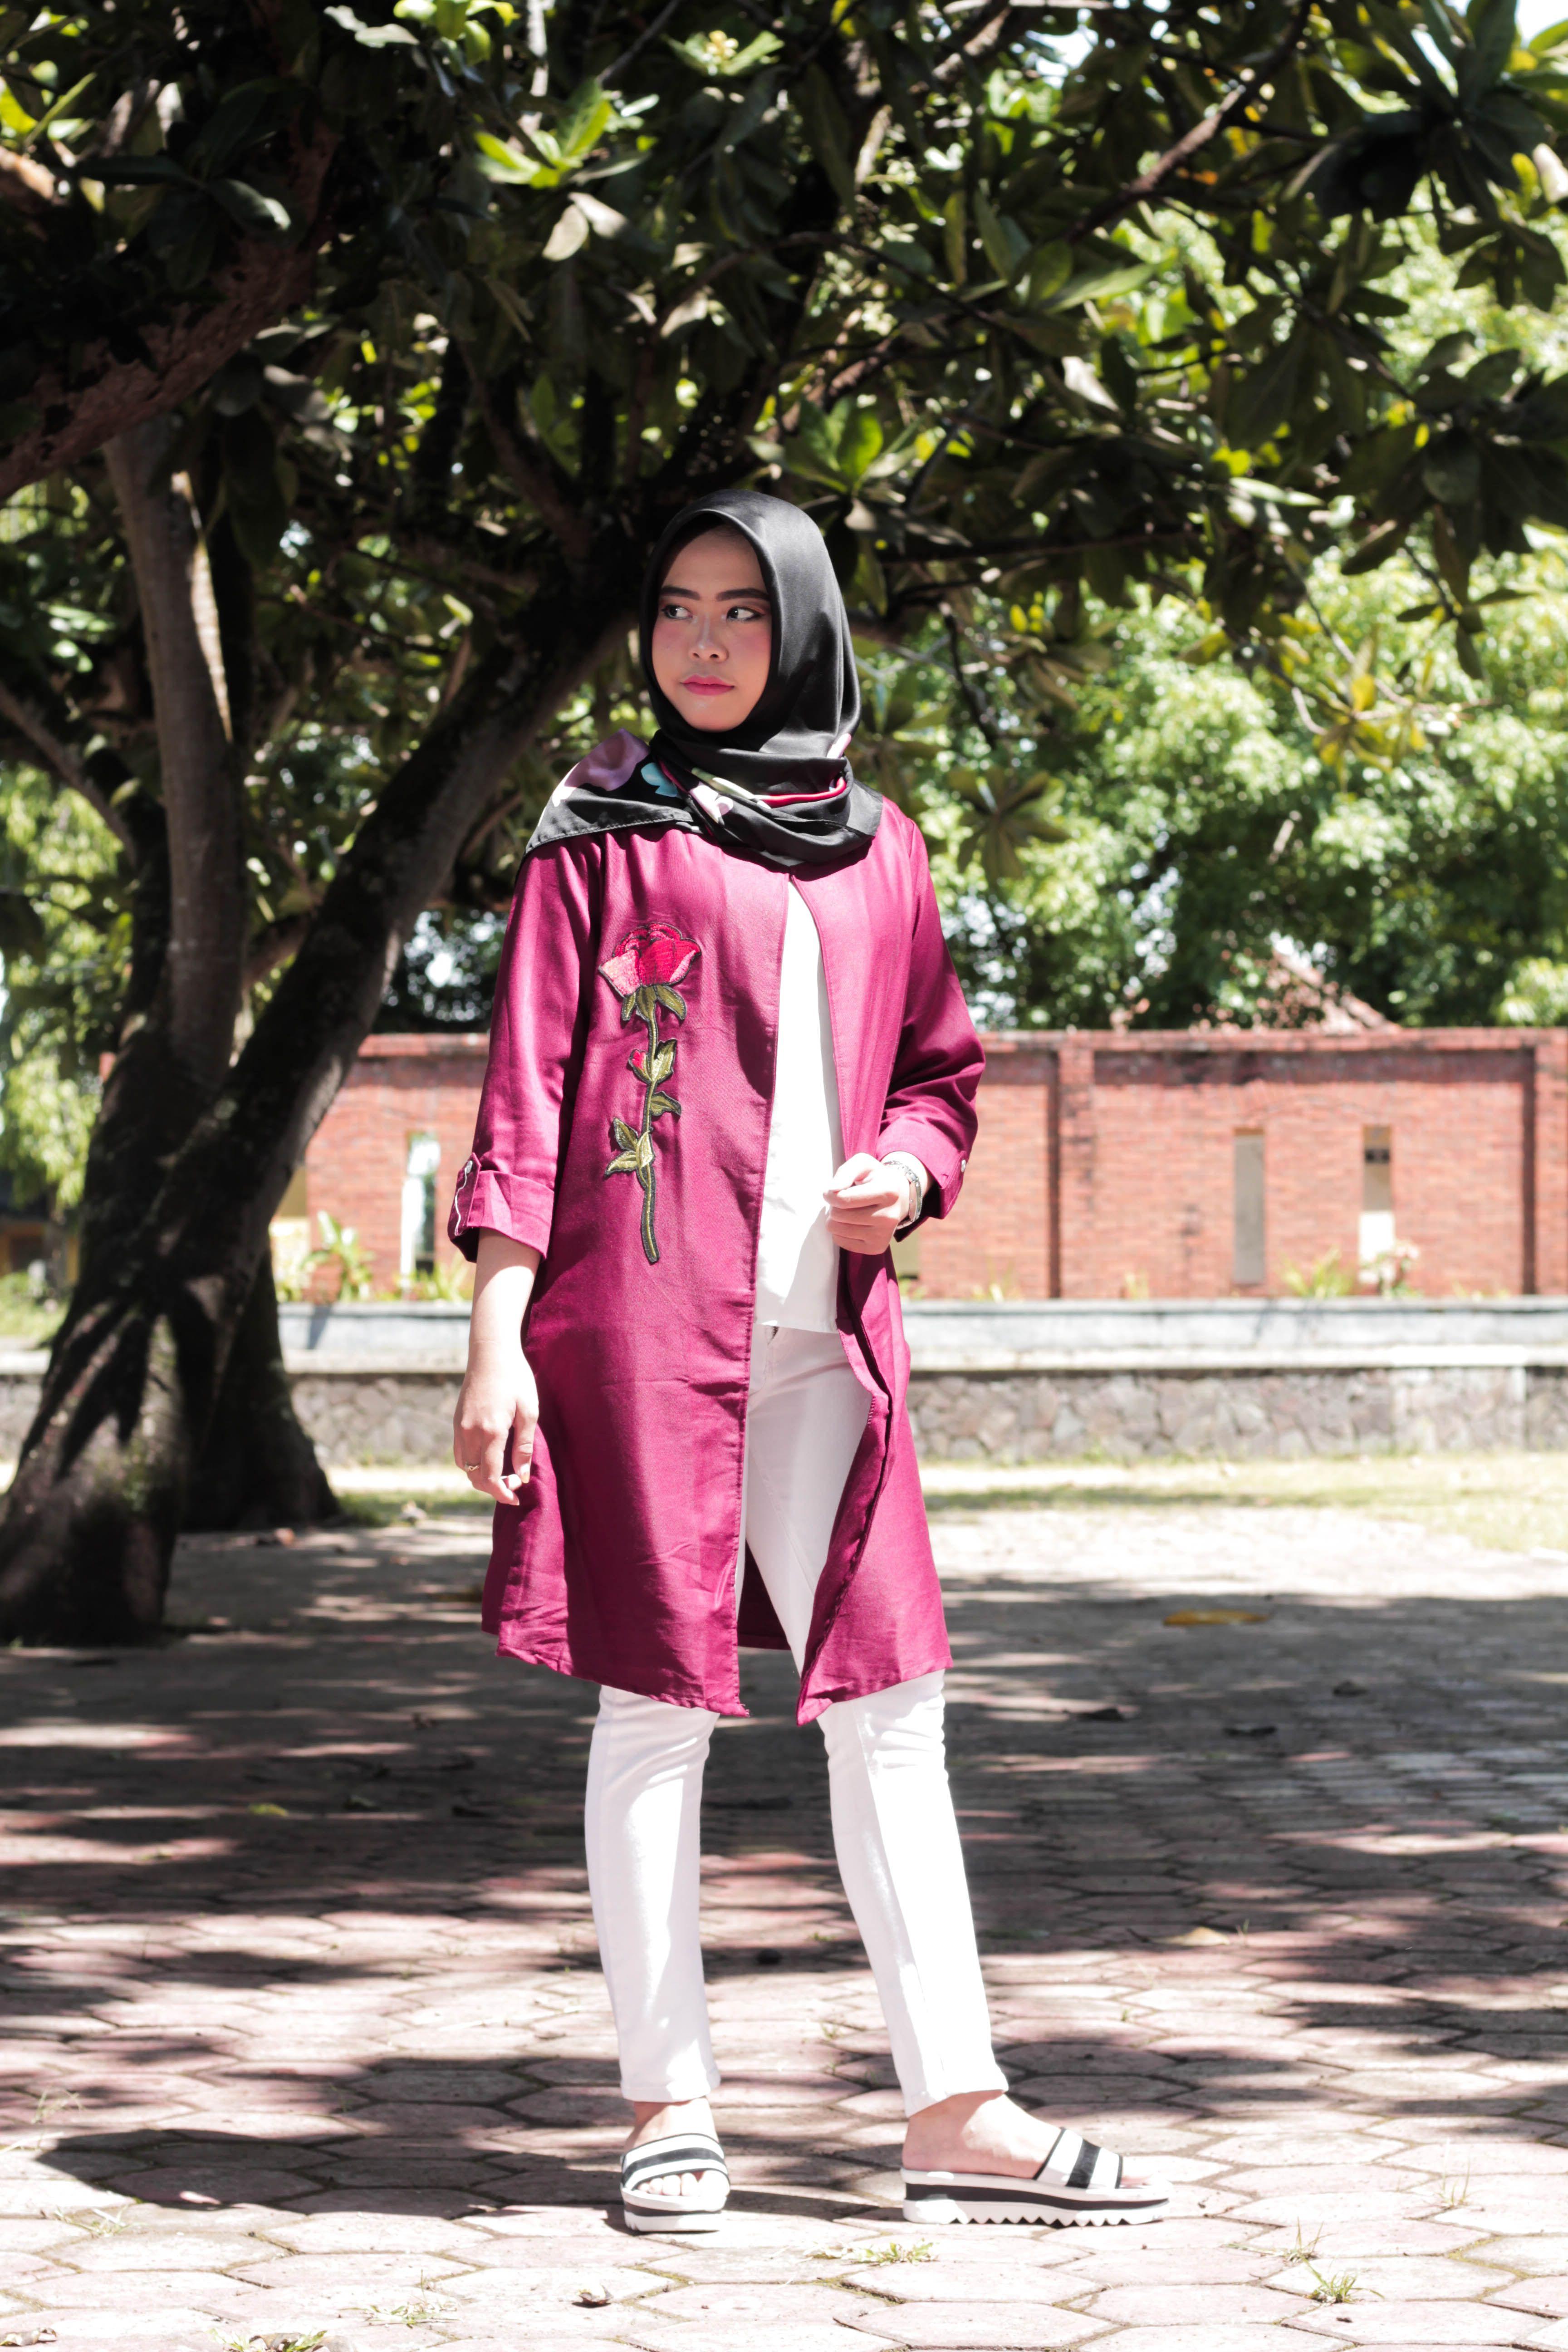 Trend Baju Muslim Wanita Branded Agen Pakaian Wanita Online Jual Baju Cewek Bagus Discount Busana Cowok Majenang Baju Muslim Pakaian Wanita Pakaian